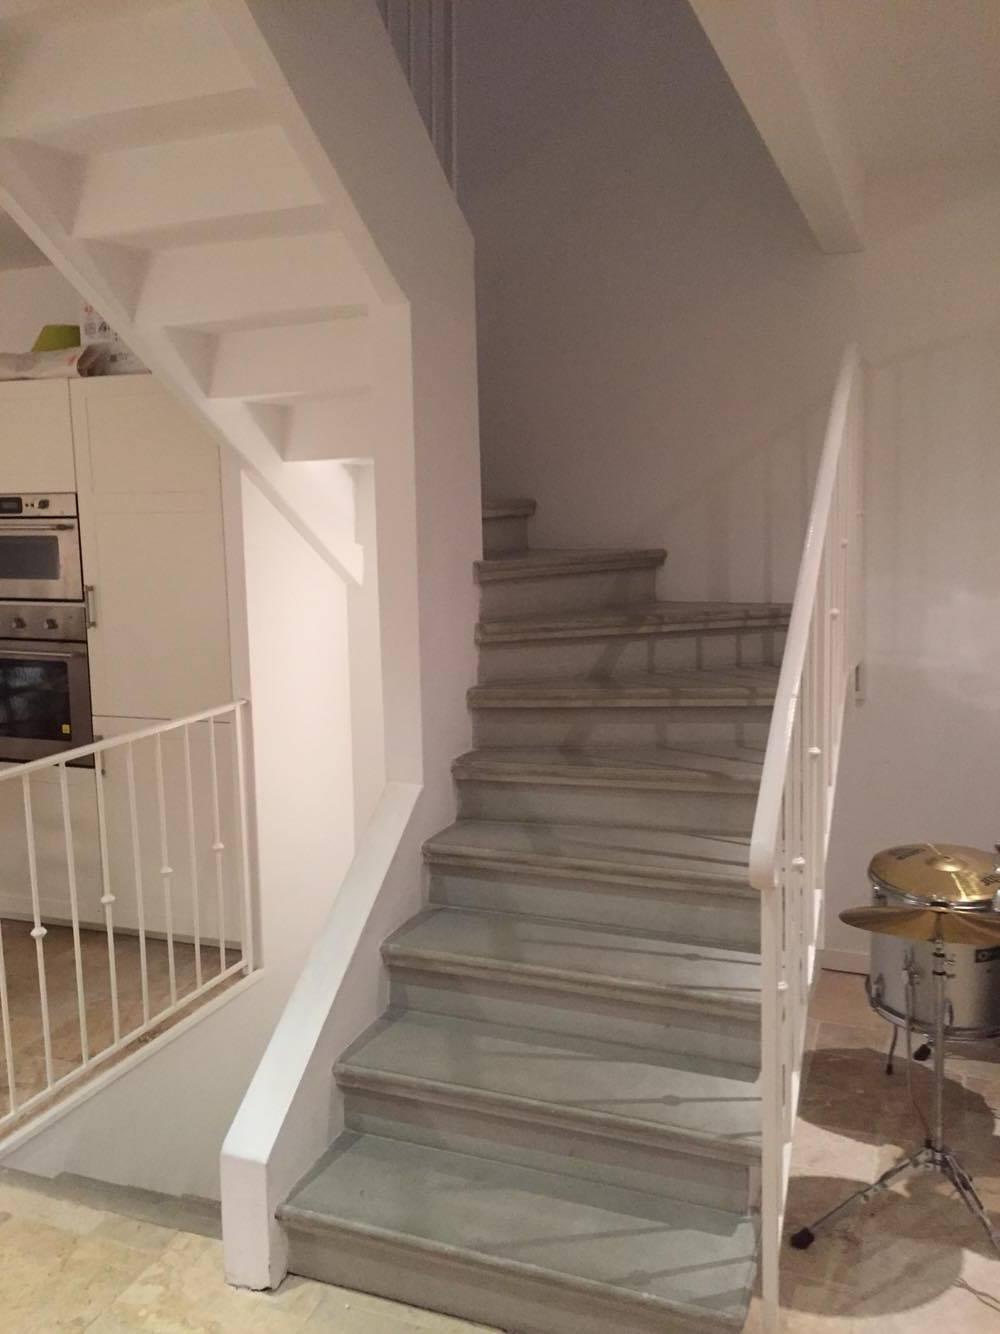 Fabrication et pose d 39 escalier en b ton gris liss carcassonne et toulouse - Fabrication escalier beton ...